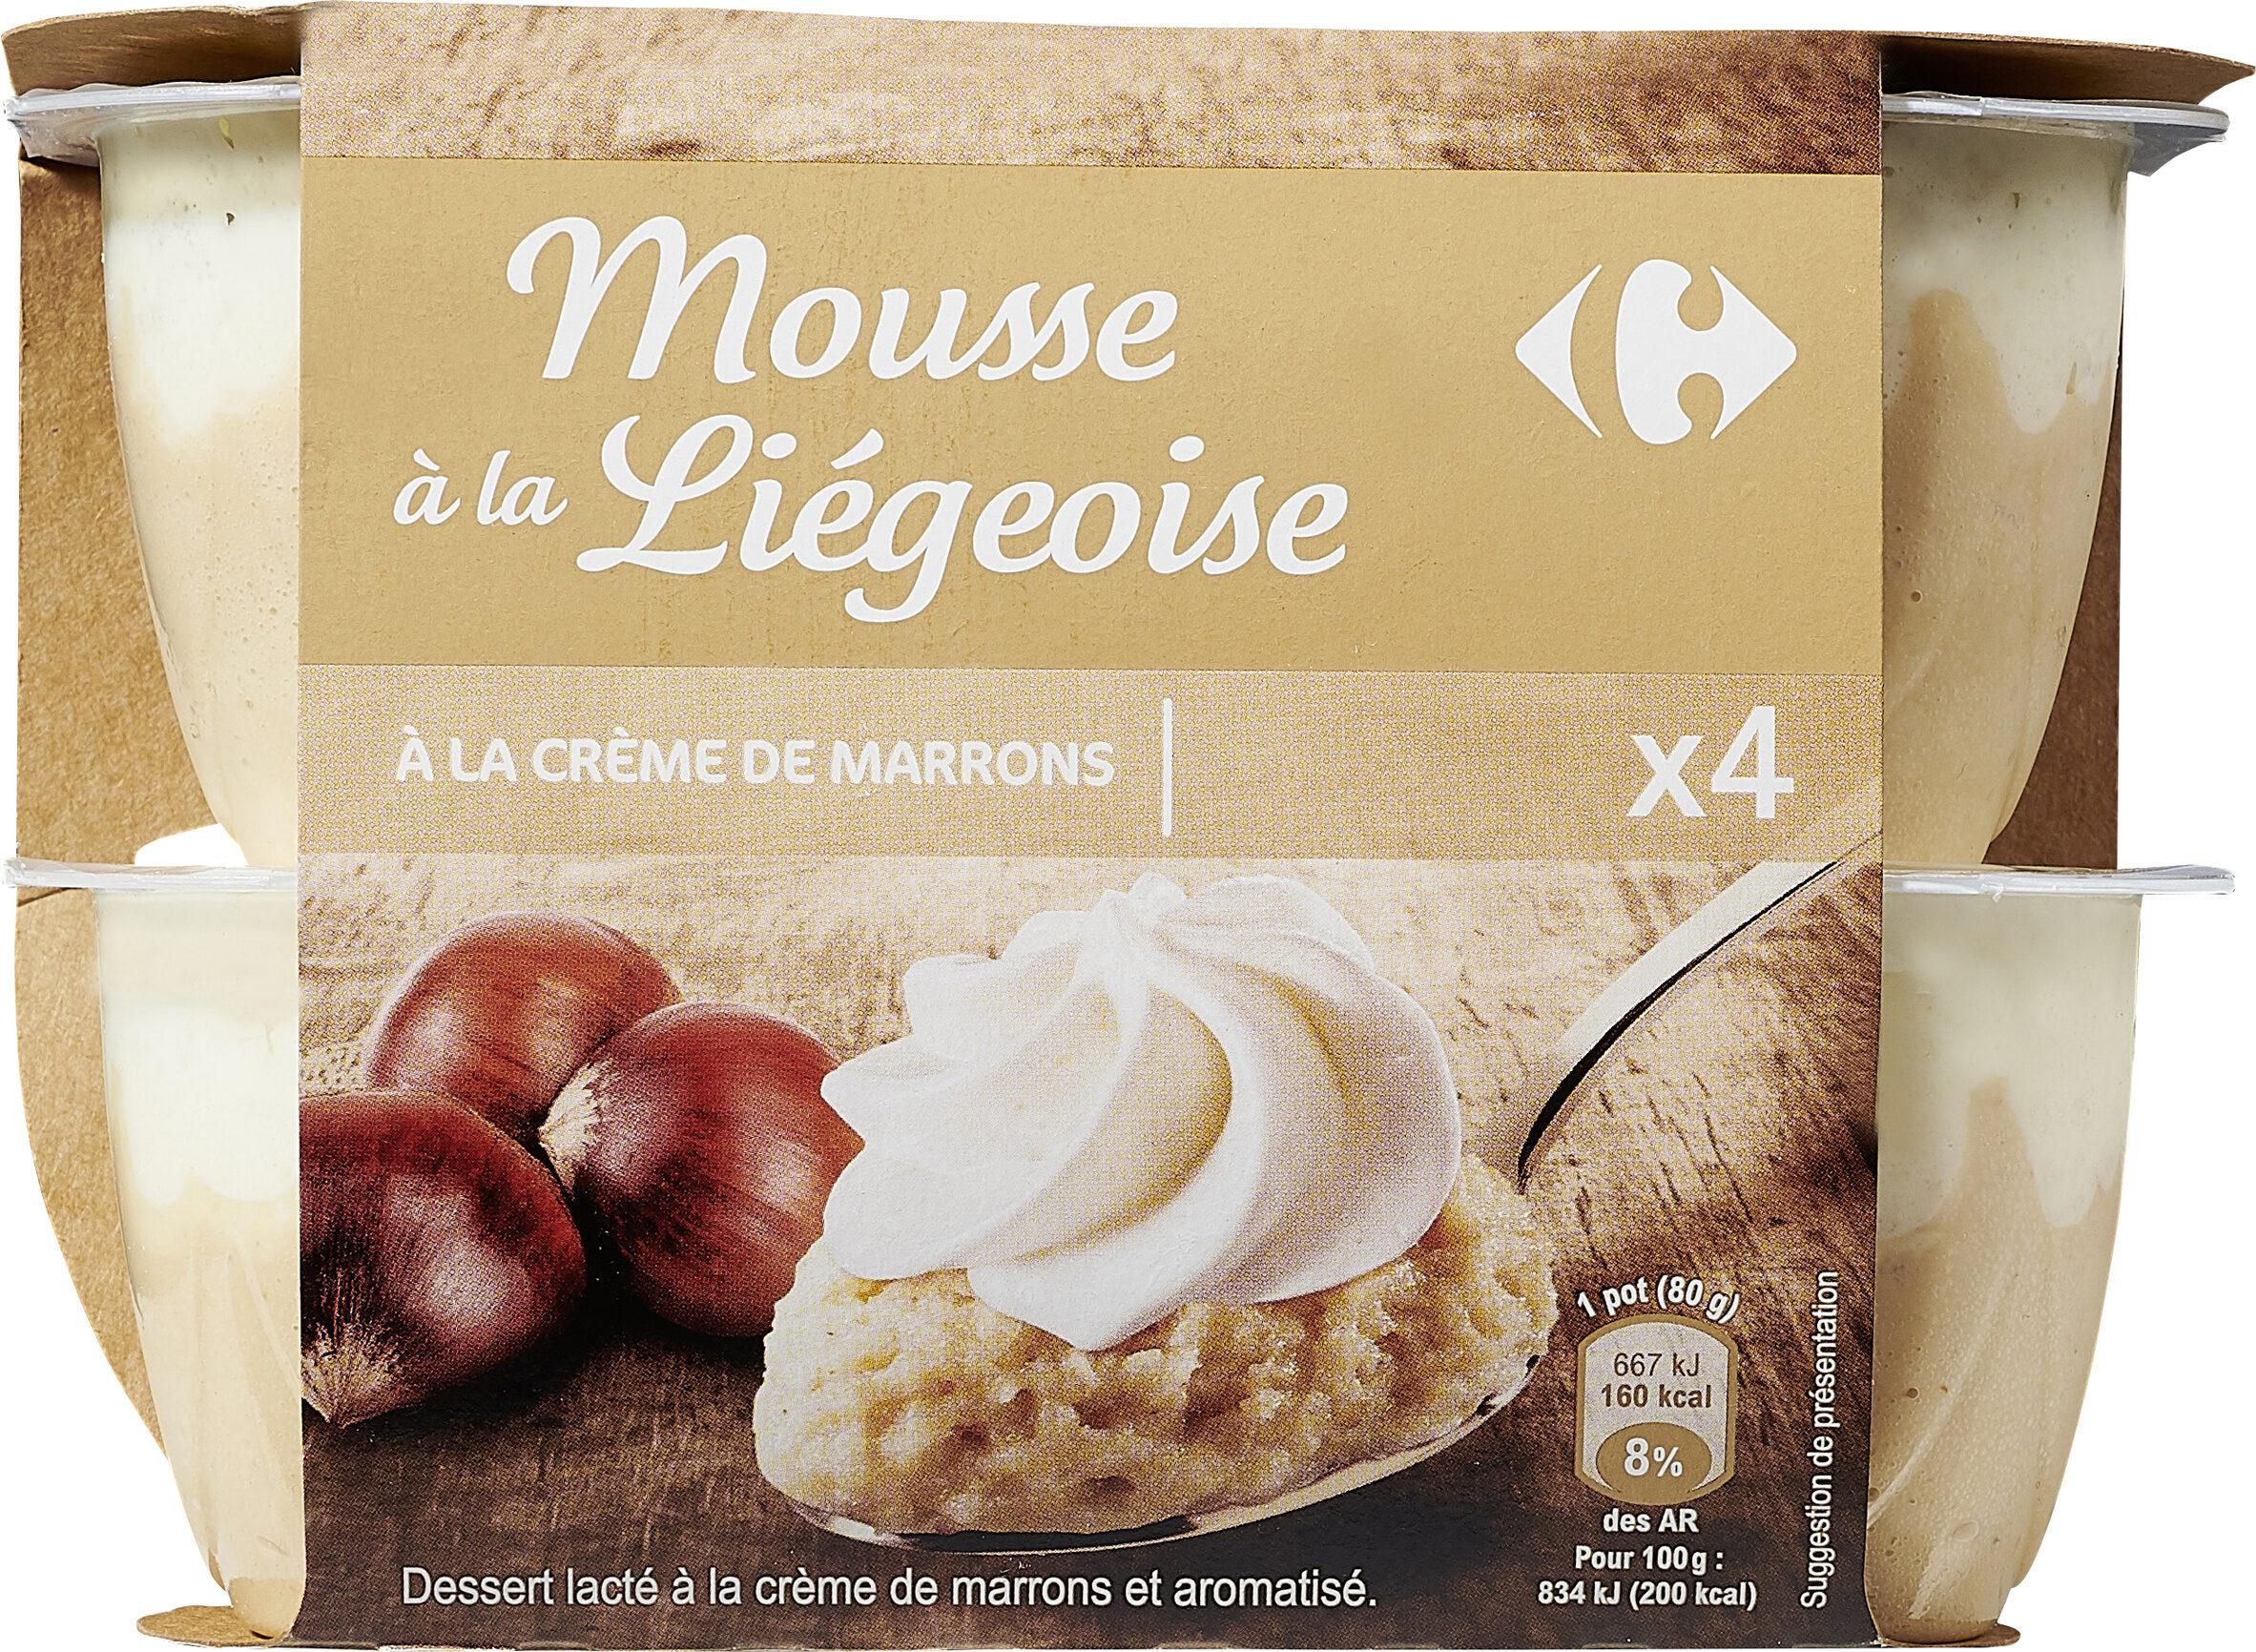 Mousse à la Liégeoise - Product - fr